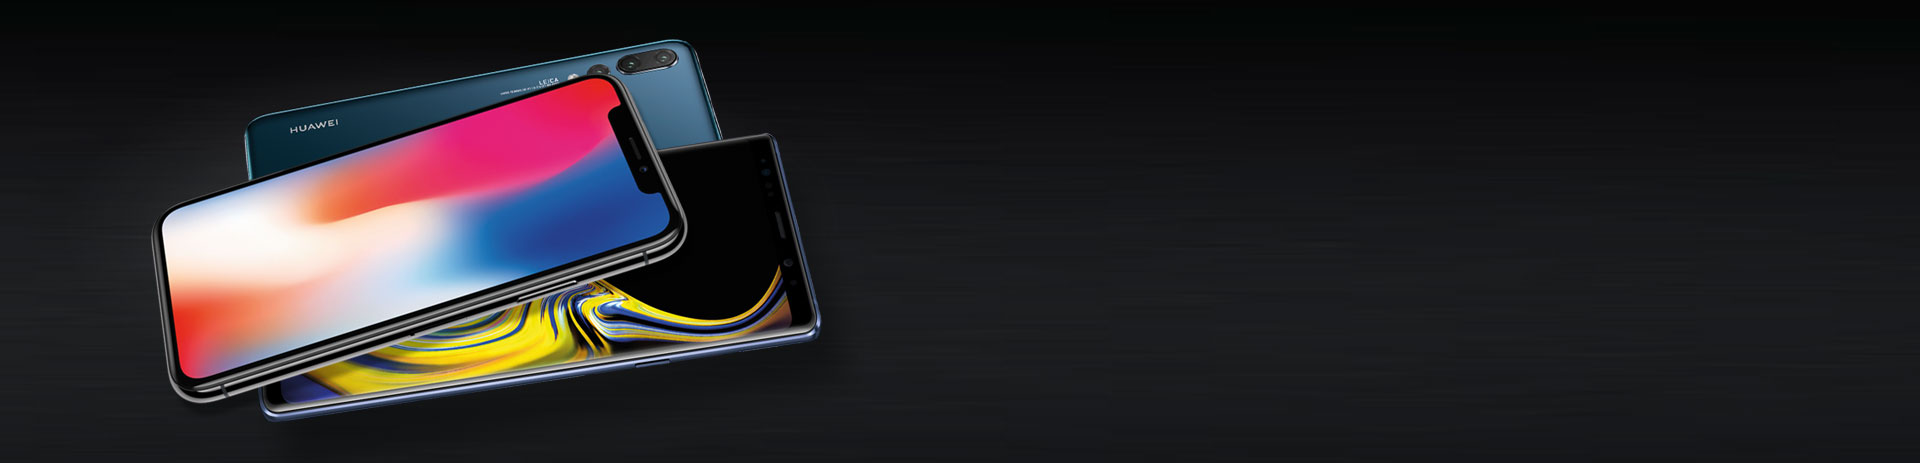 Samsung Galaxy S9 Aktion